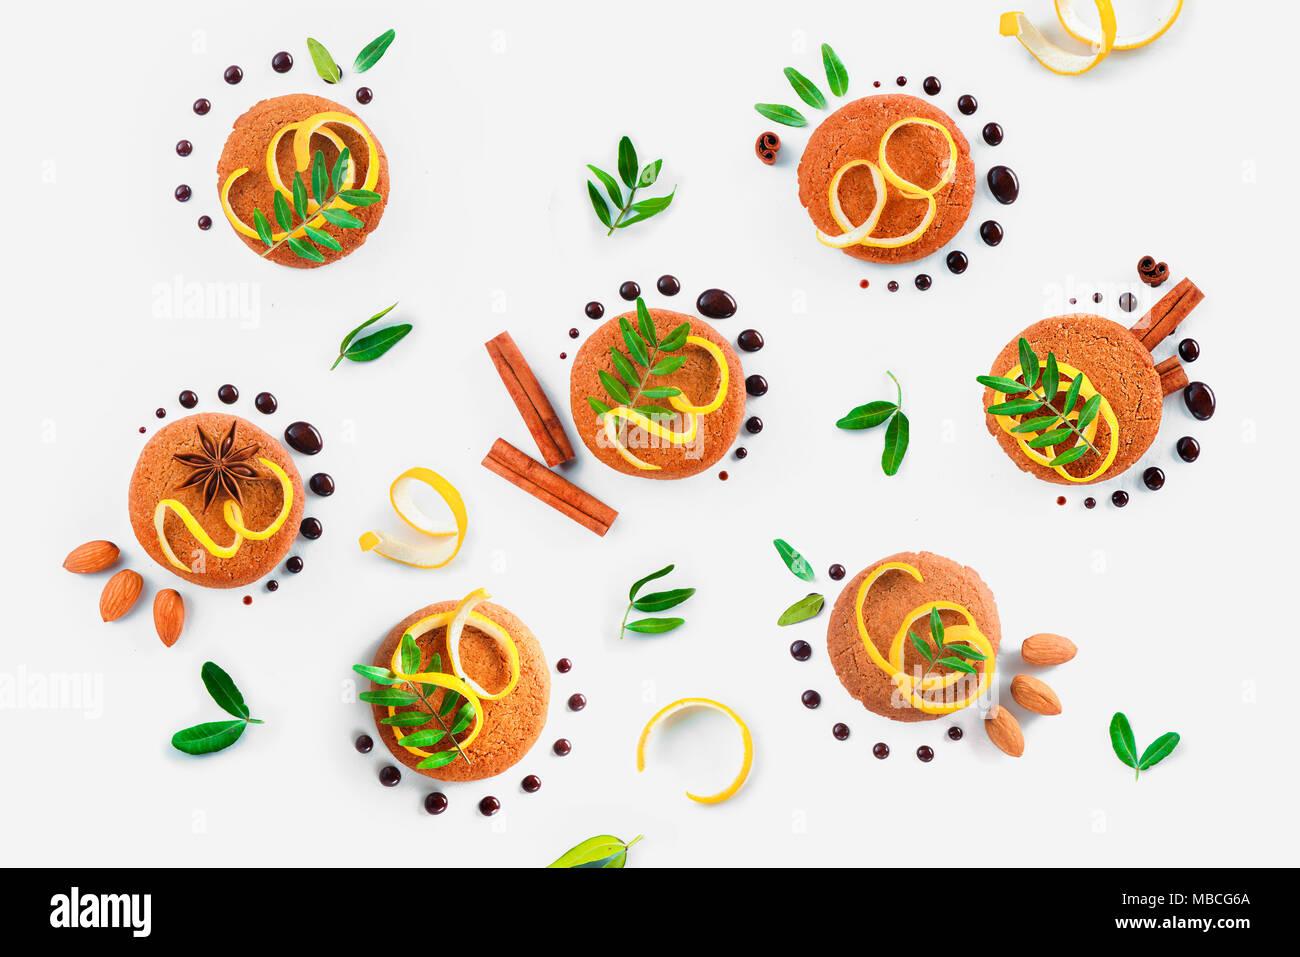 Sugerencias de alimentos patrón hecho de galletas, chocolate y anillos swooshes, canela, ralladura de limón y hojas verdes. Concepto de decoración de cookies Imagen De Stock